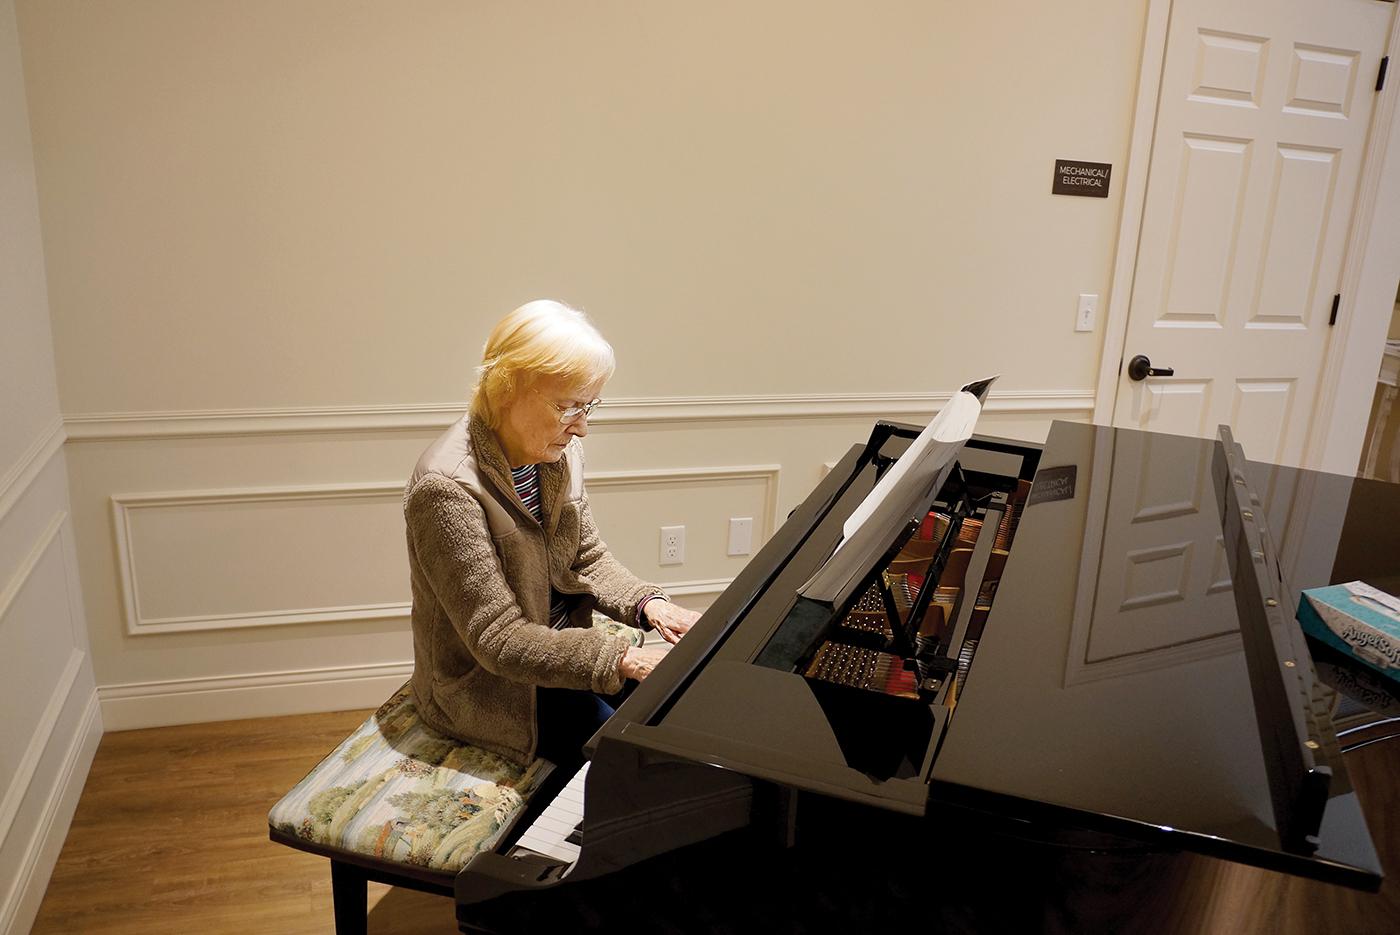 pianoplayer.jpg